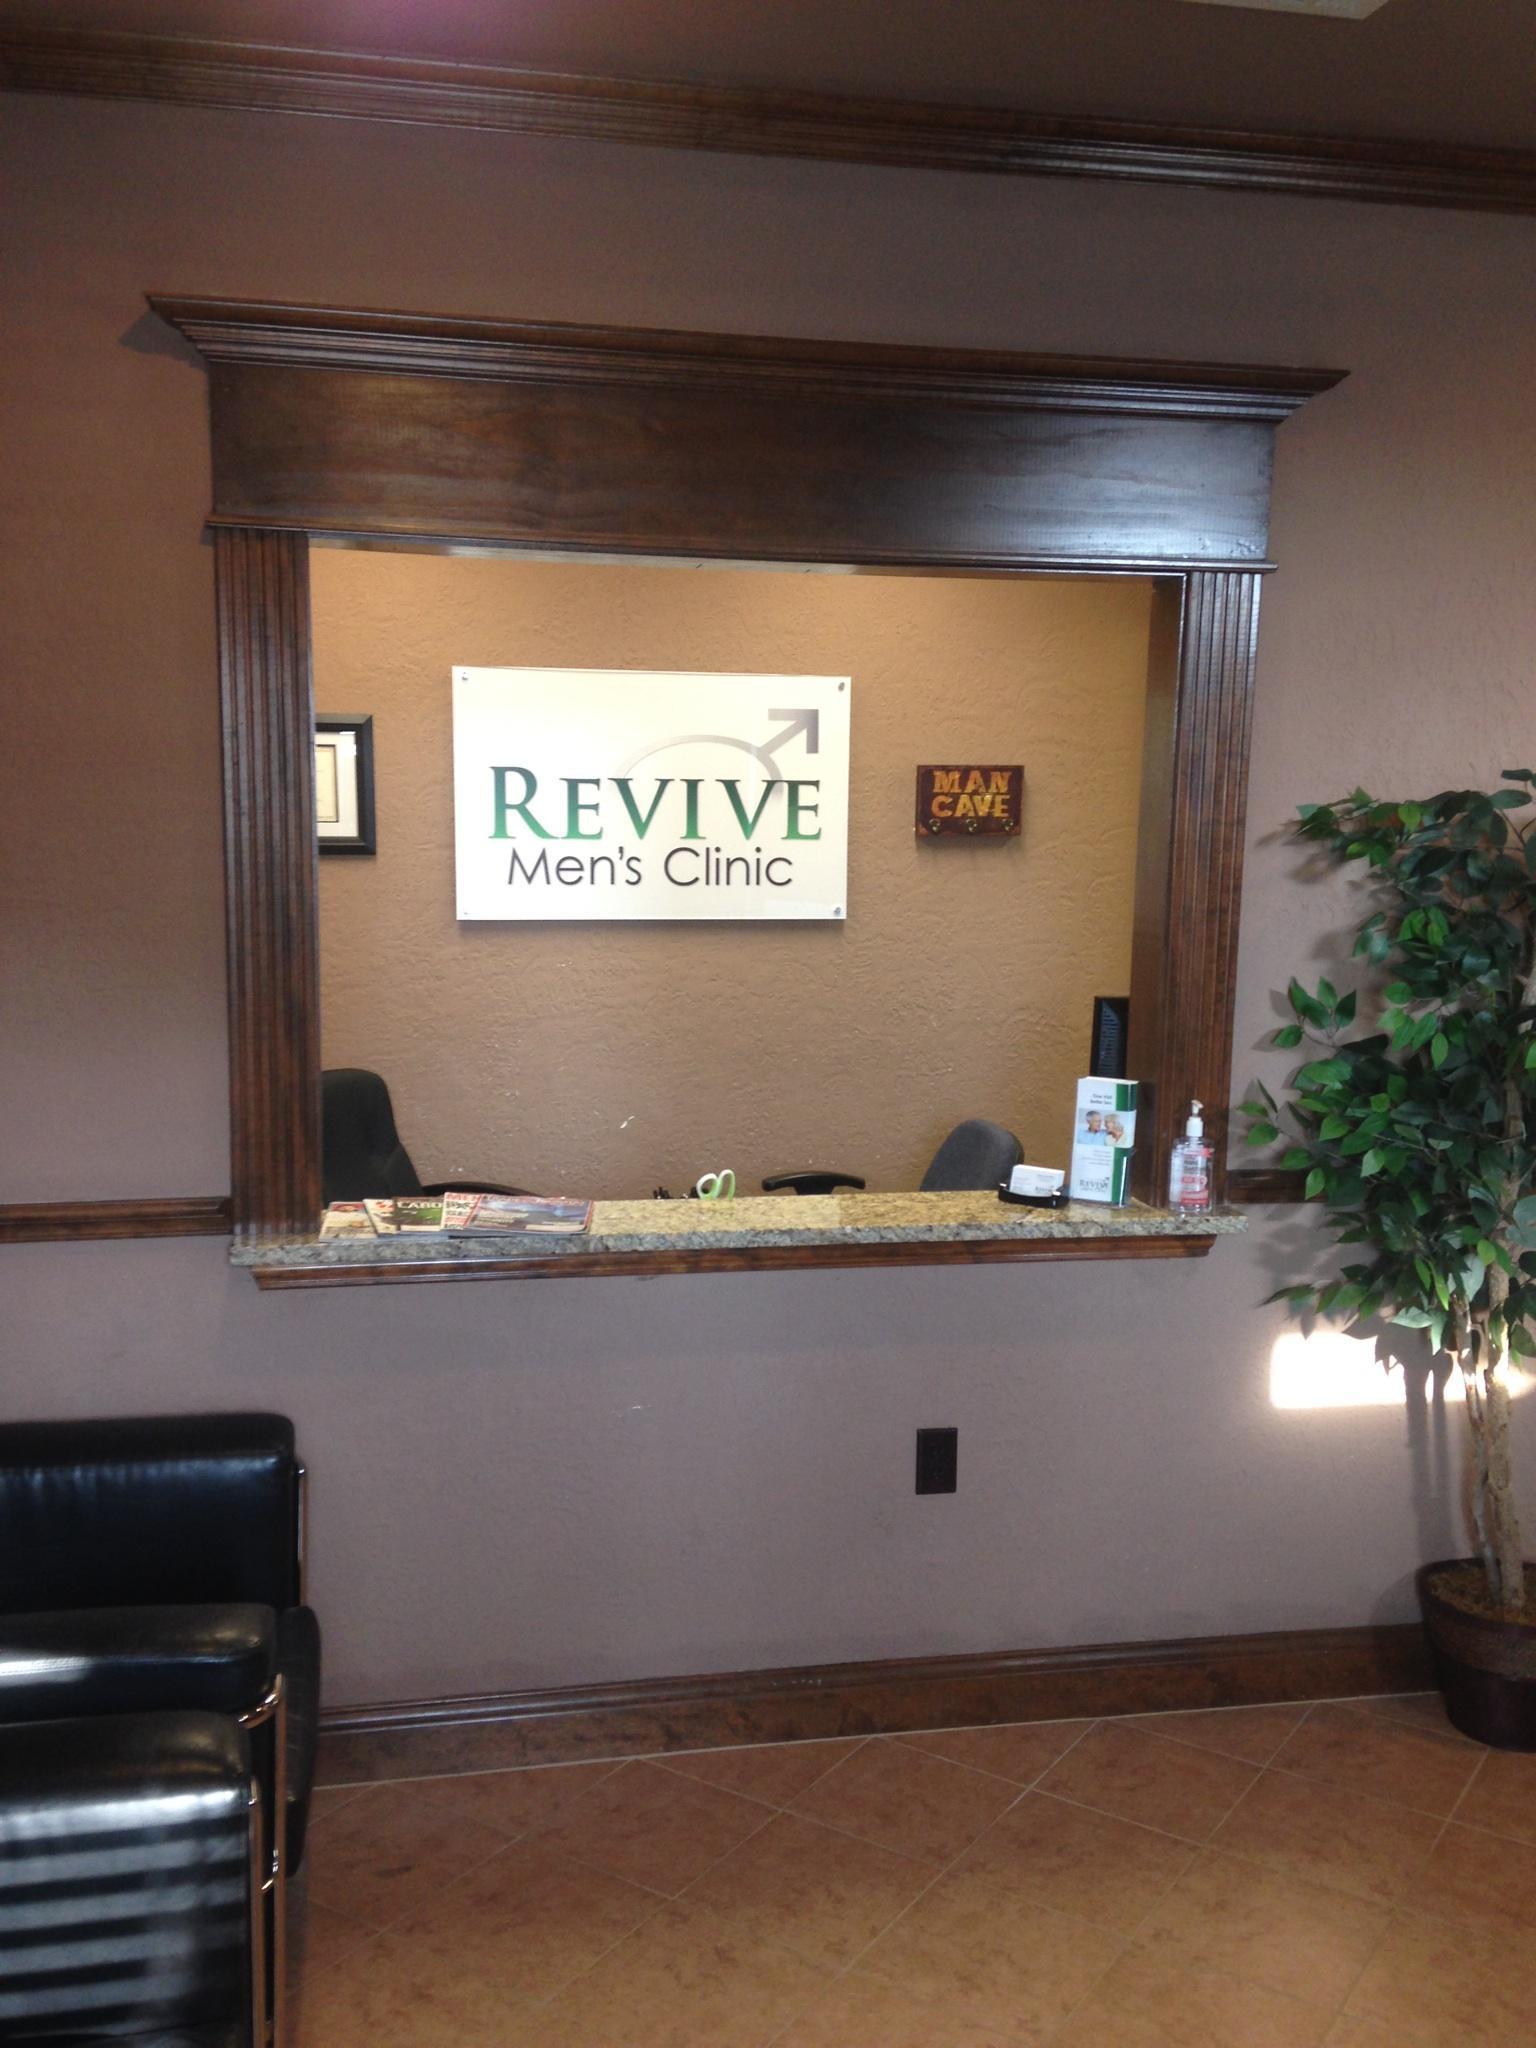 Revive Men's Clinic